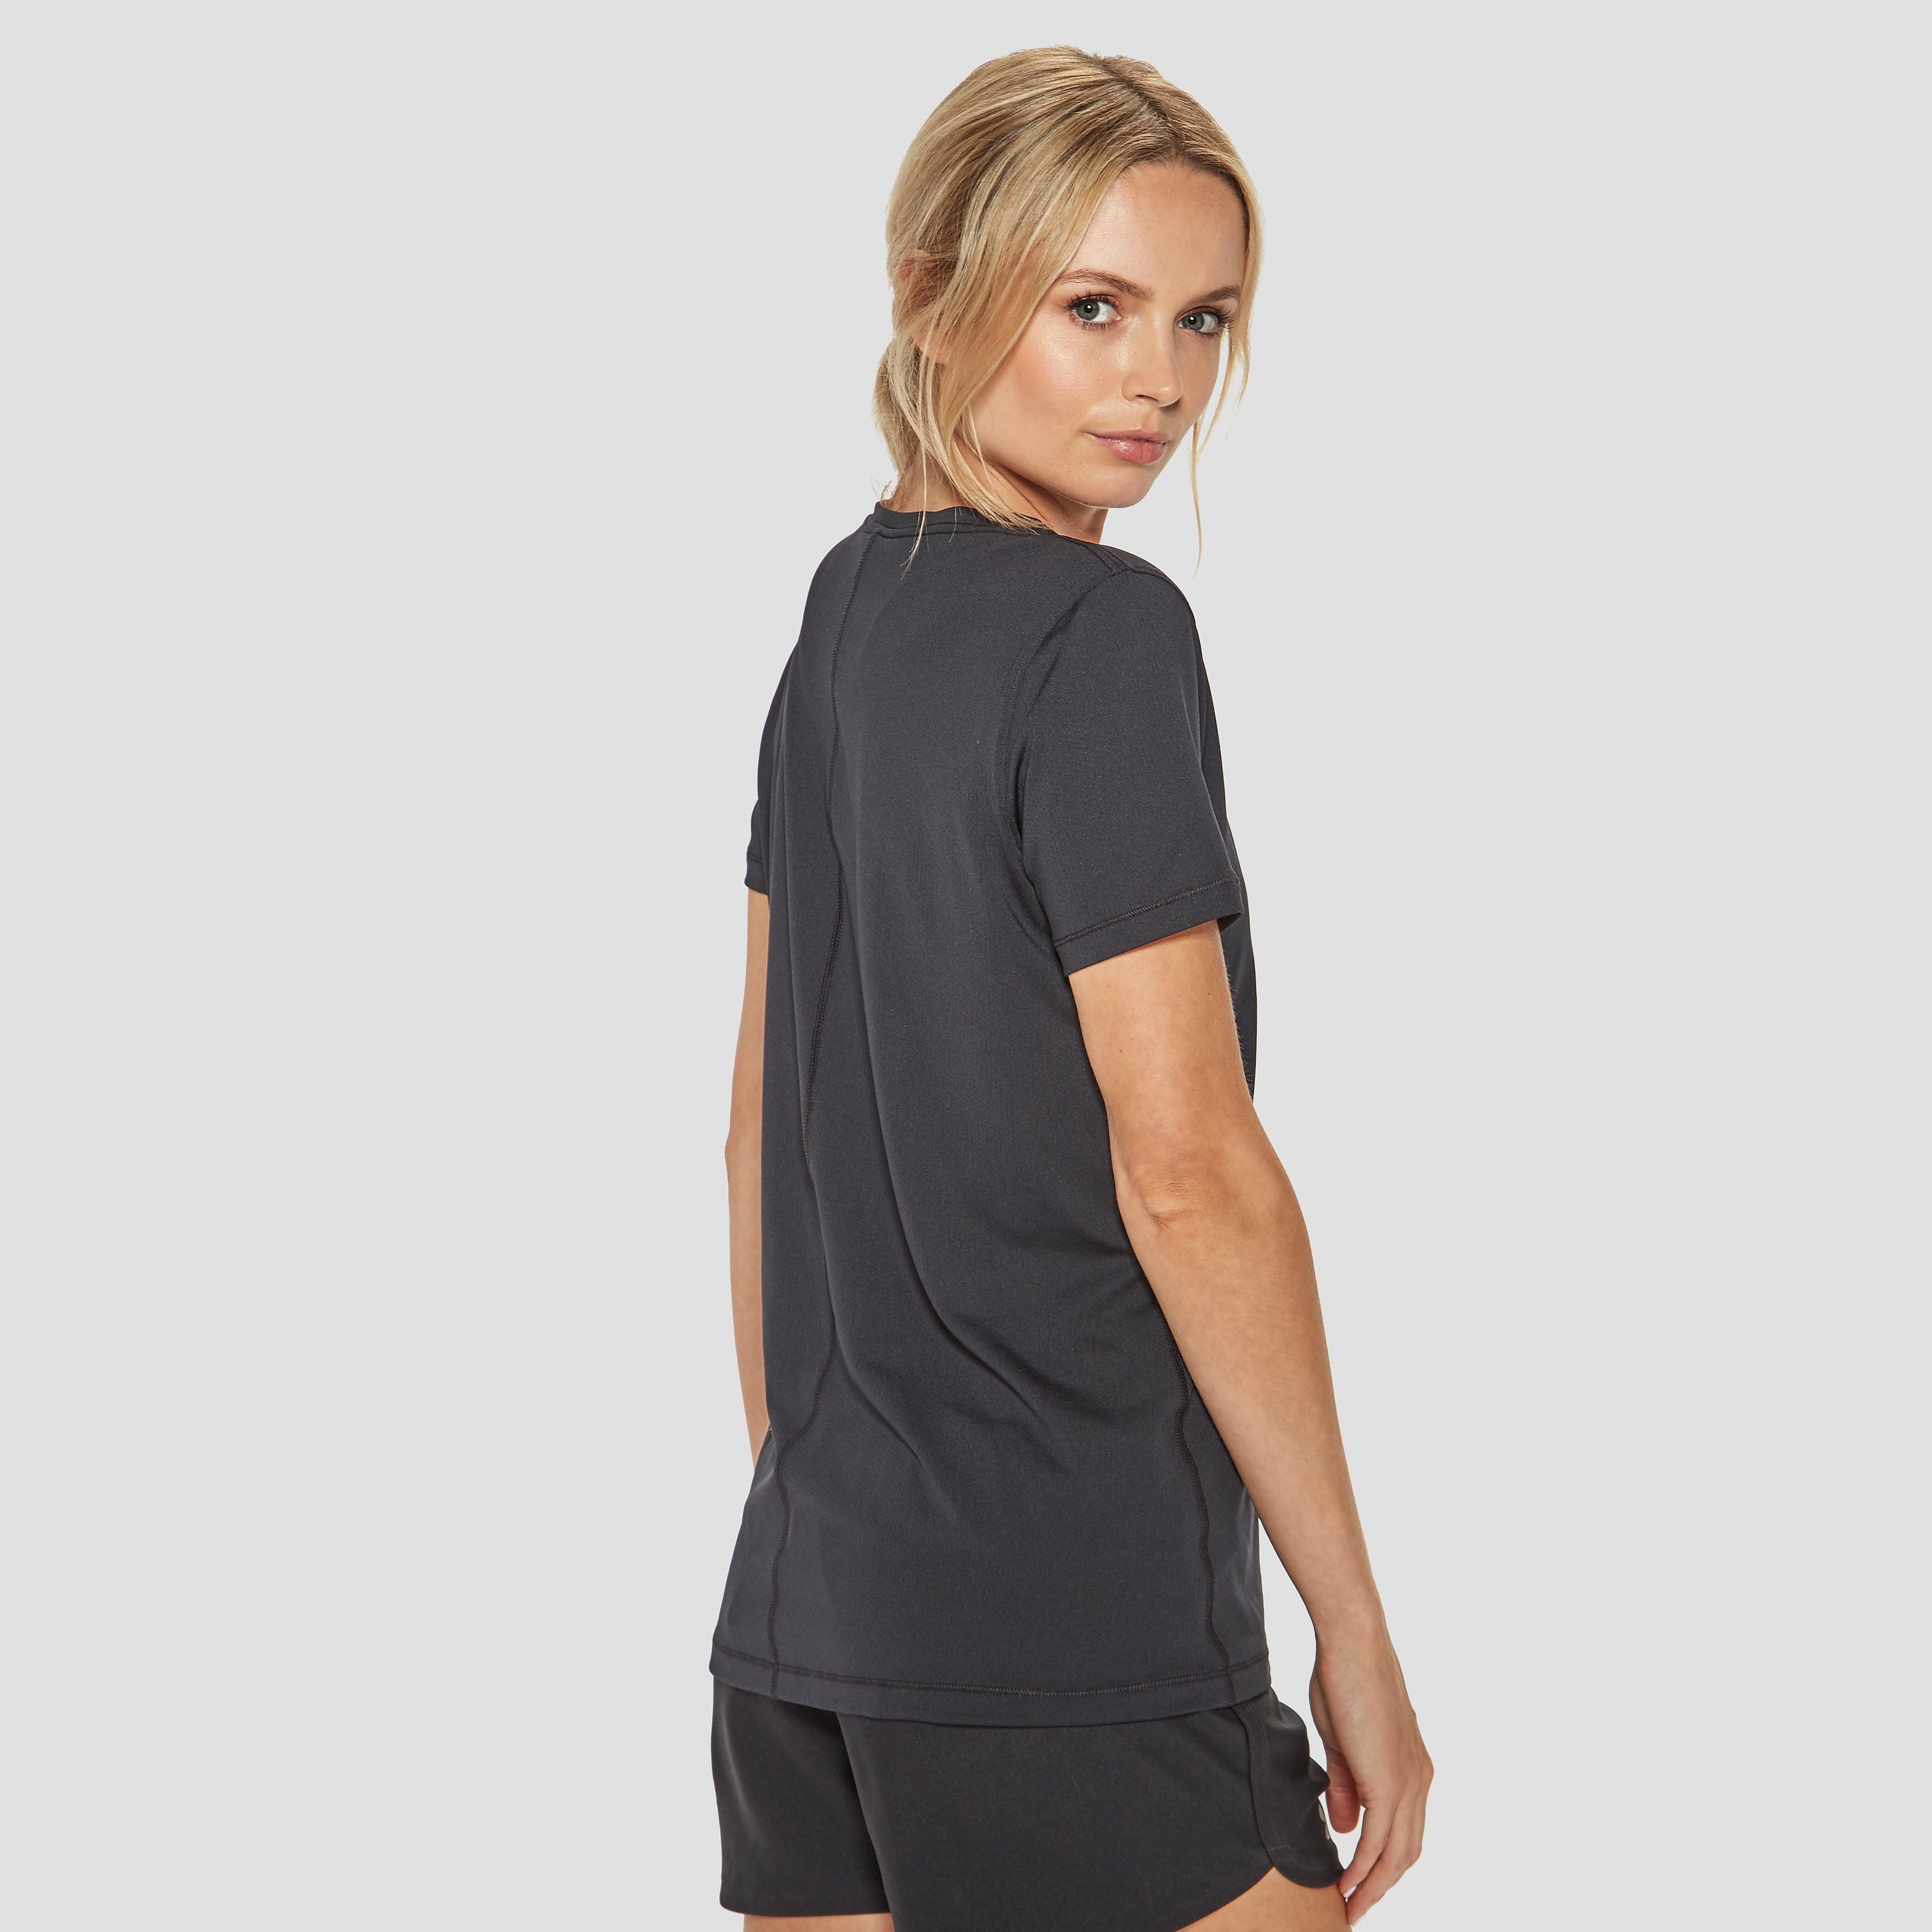 Under Armour HeatGear Armour Women's T-Shirt